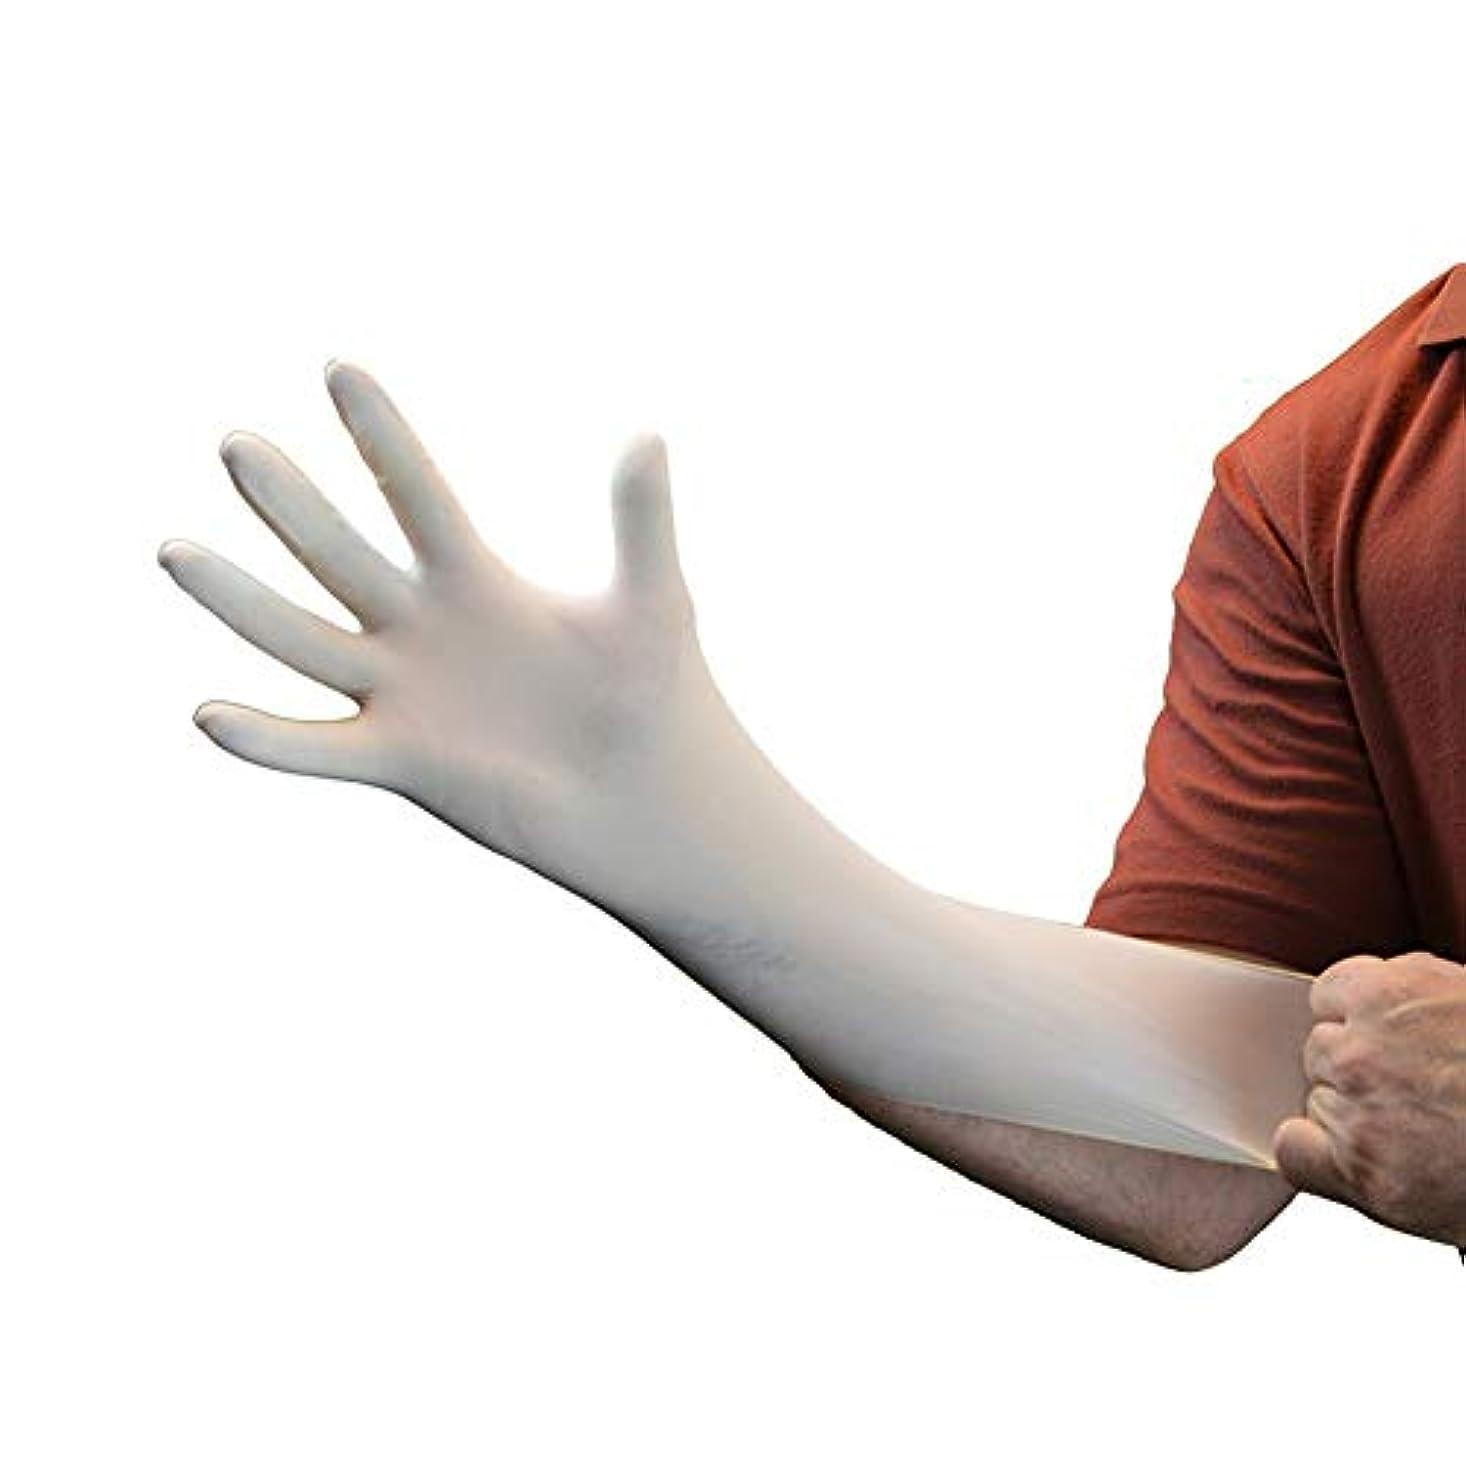 のぞき見すなわちルアー使い捨てラテックス手袋 - パウダーフリーの歯科技工所労働保護製品をマッサージ YANW (Color : White, Size : XS)